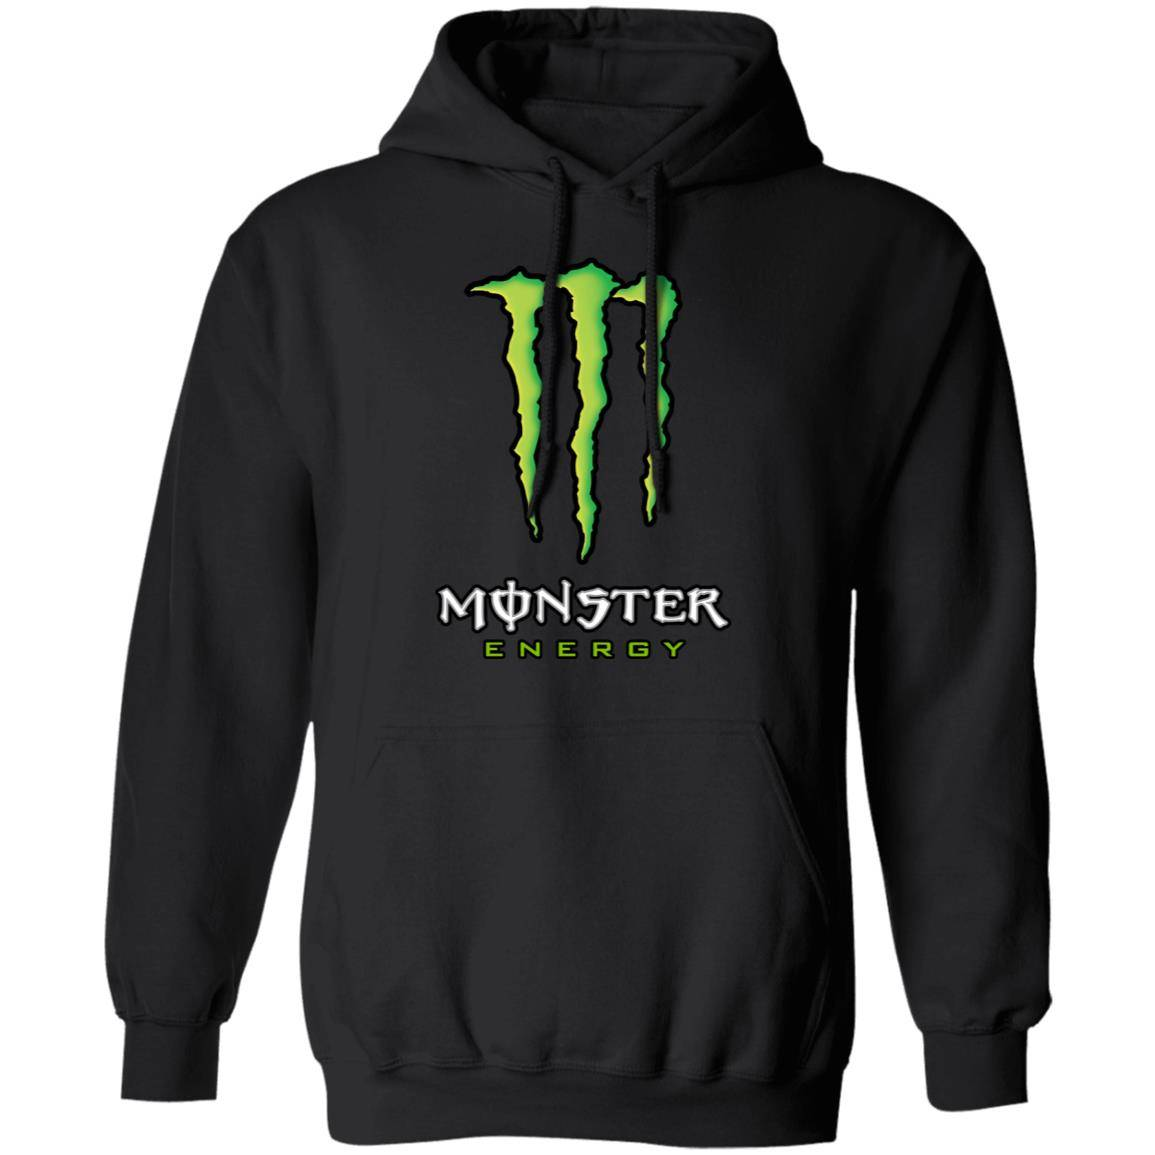 Monster Energy Hoodie for Men, Women